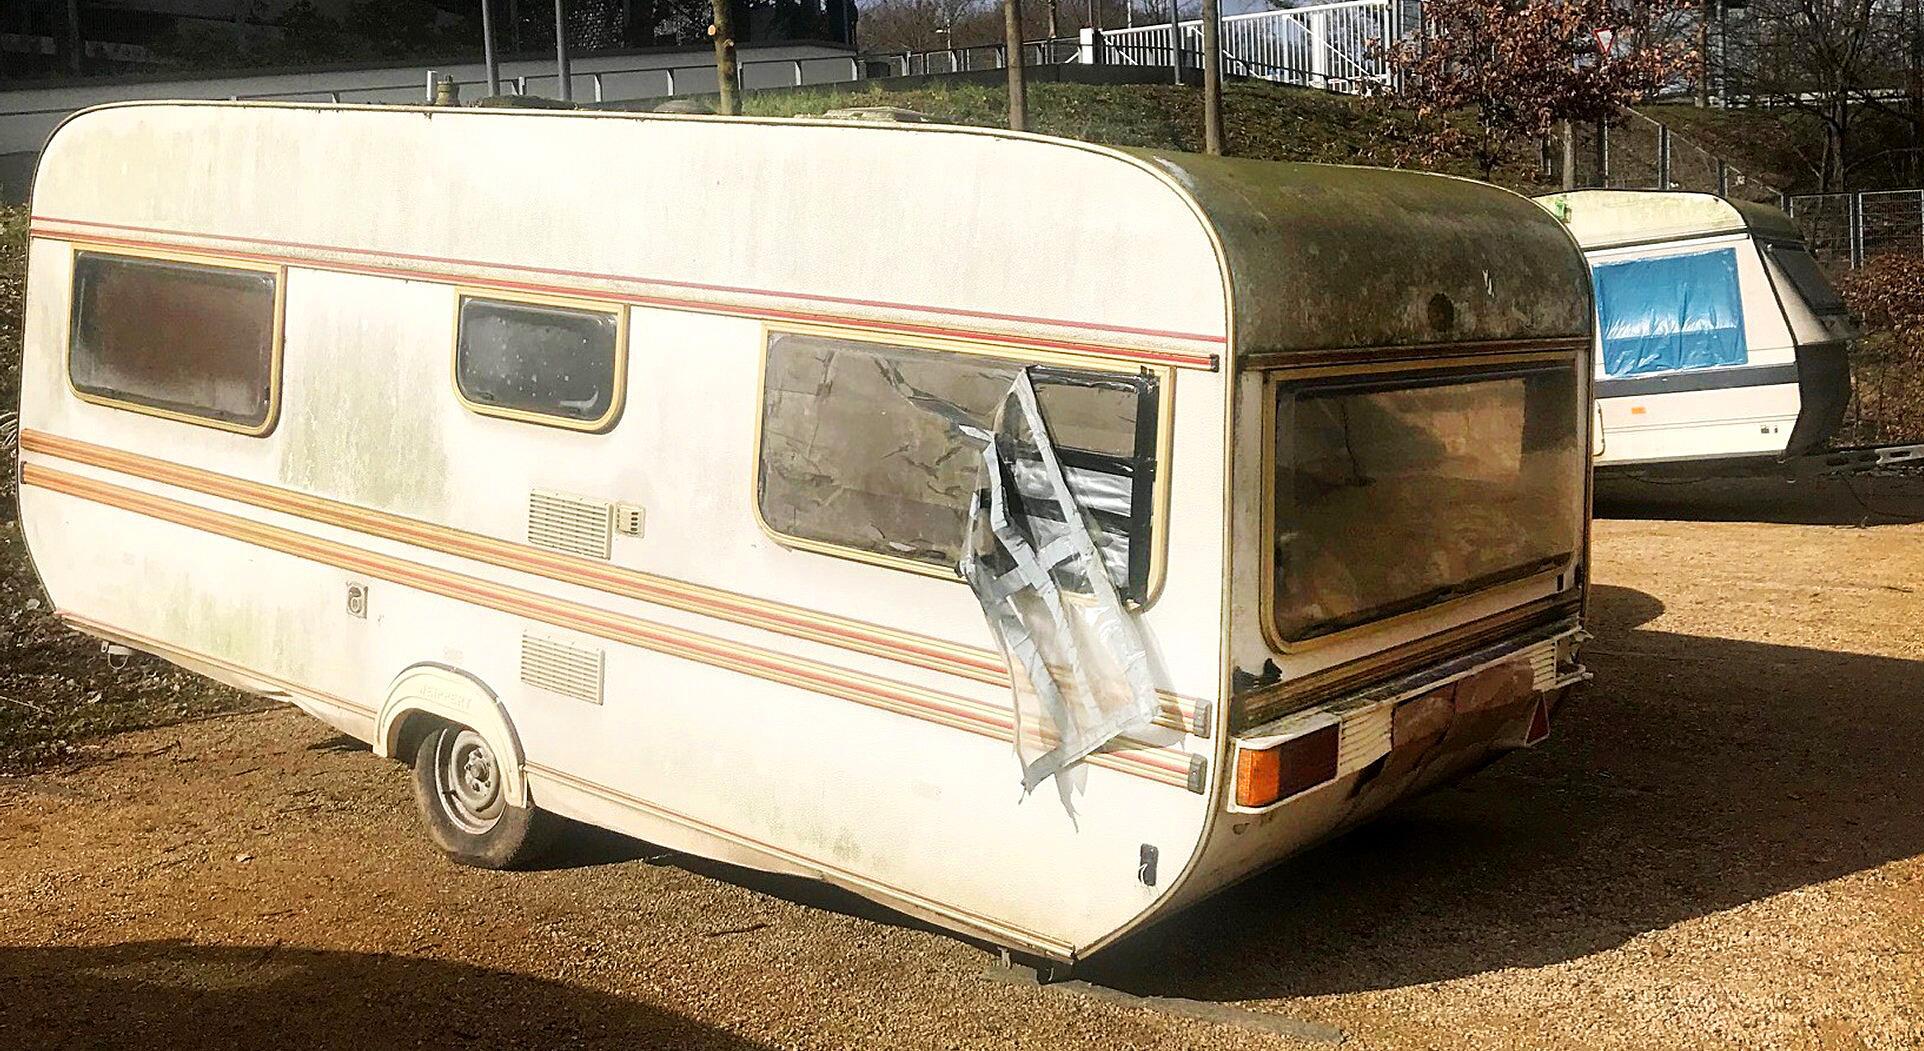 Bild zu Sexueller Missbrauch im Campingwagen